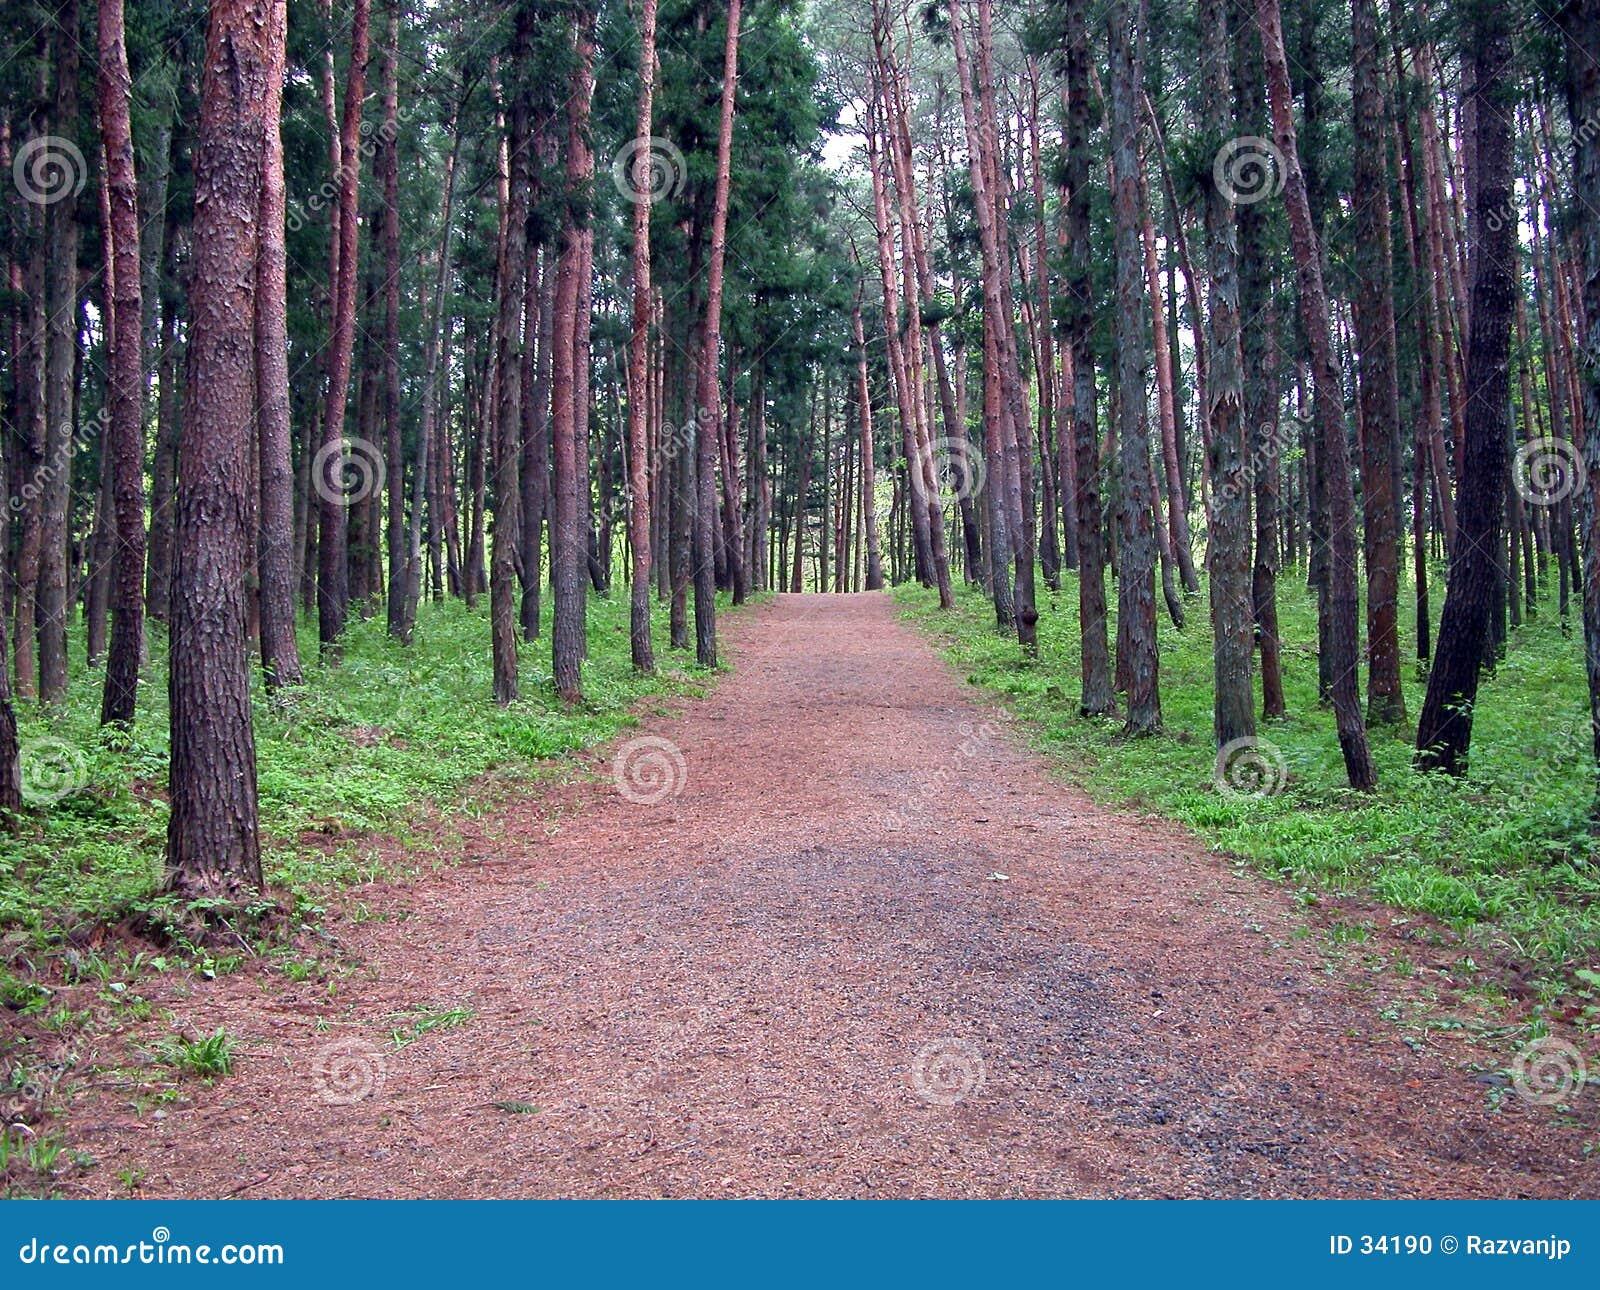 Download Perspectiva en bosque foto de archivo. Imagen de existencias - 34190